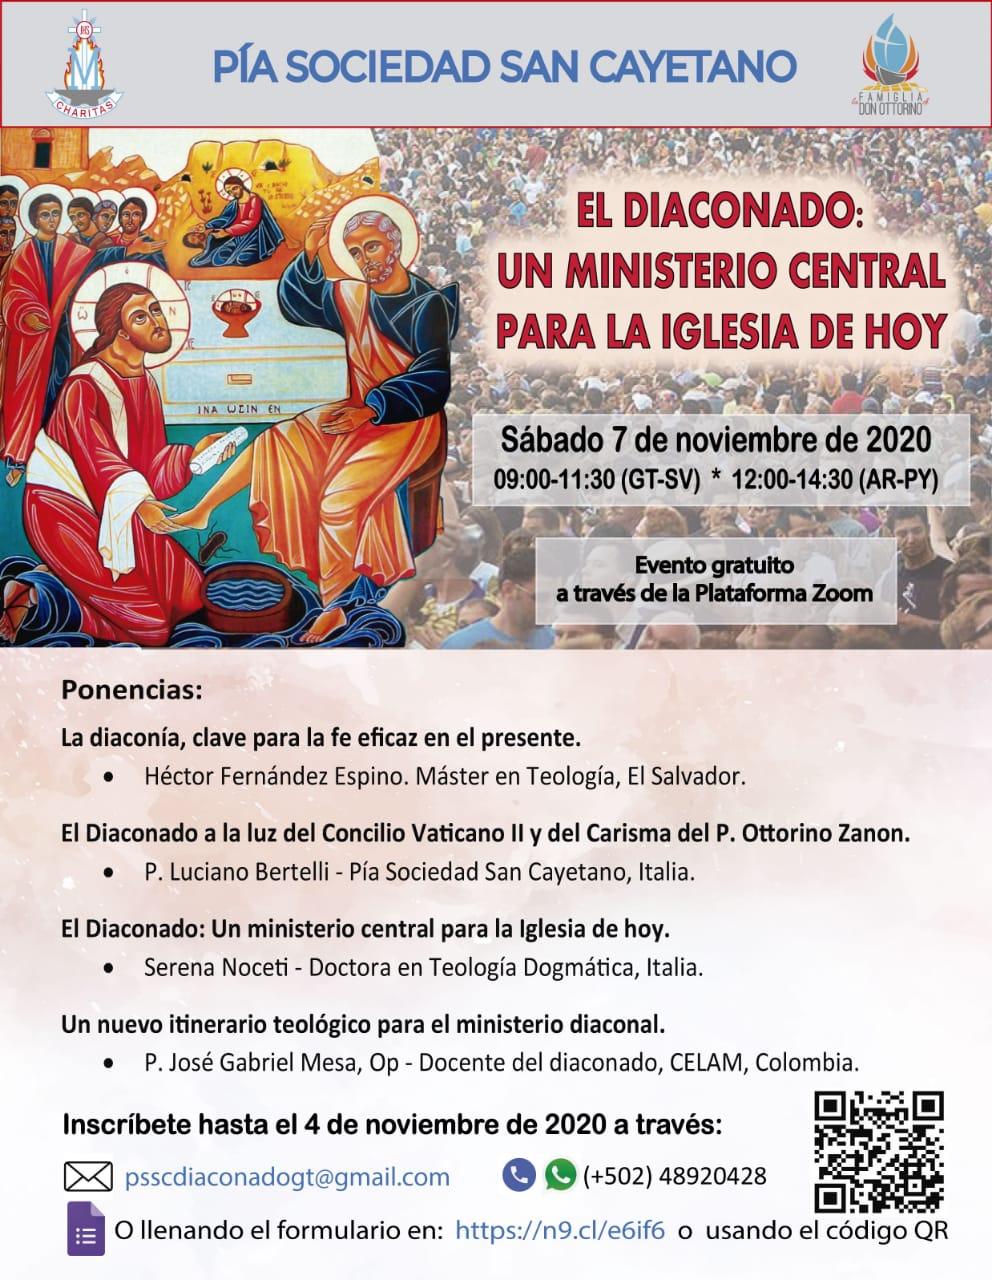 Mañana acaba el plazo para inscribirse en la Jornada Formativa, vía zoom:  «El diaconado: un ministerio central para la Iglesia de hoy»